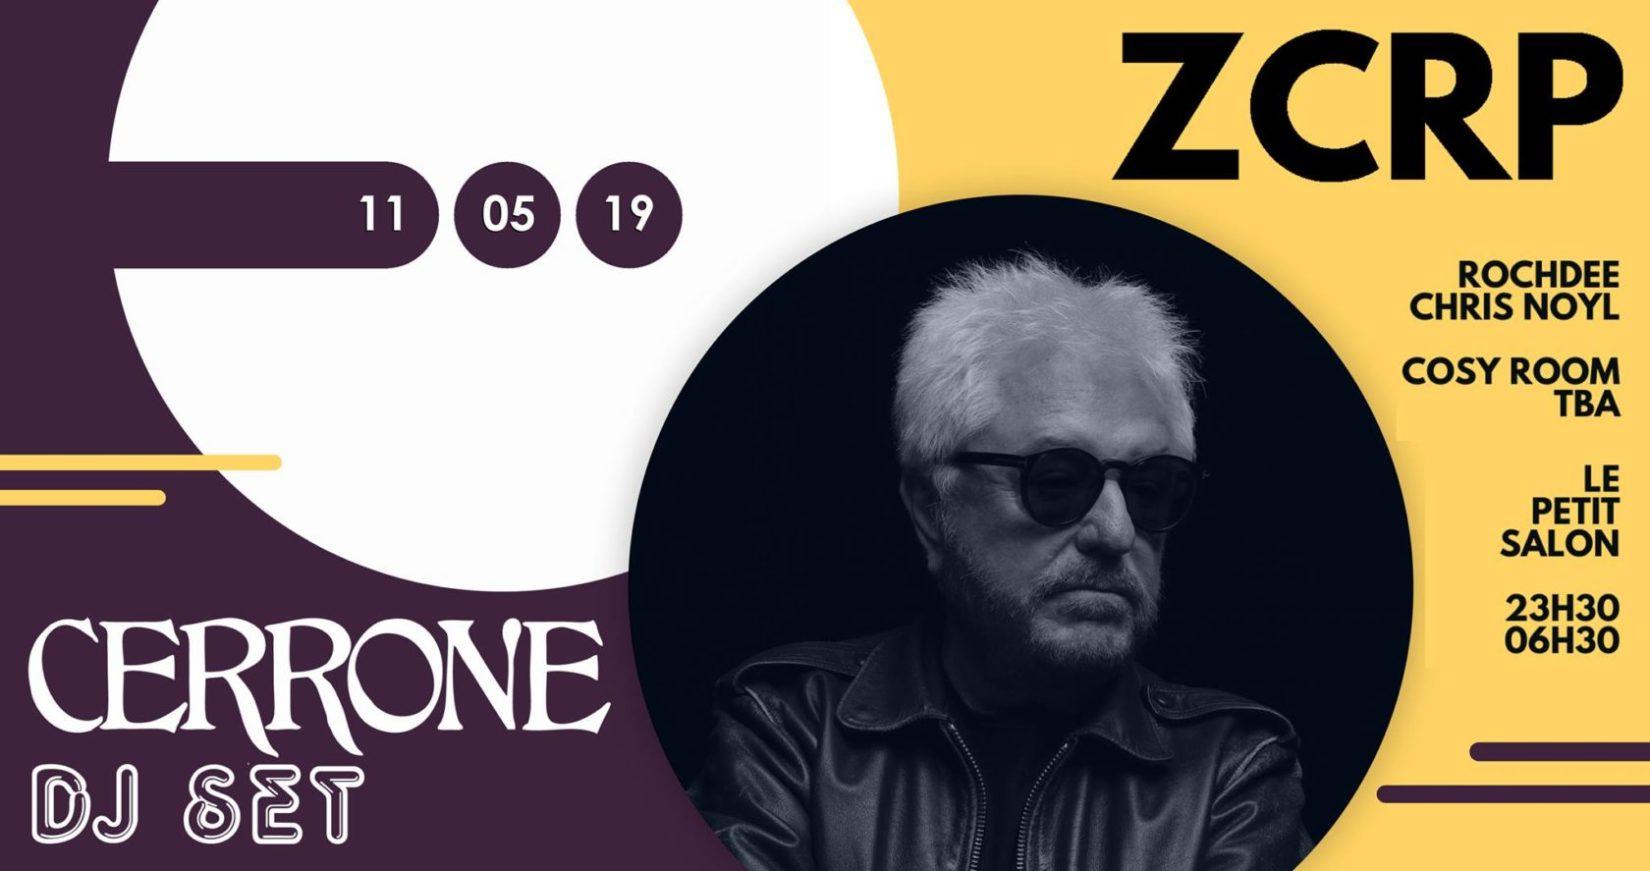 Zoo Corp inv. Cerrone